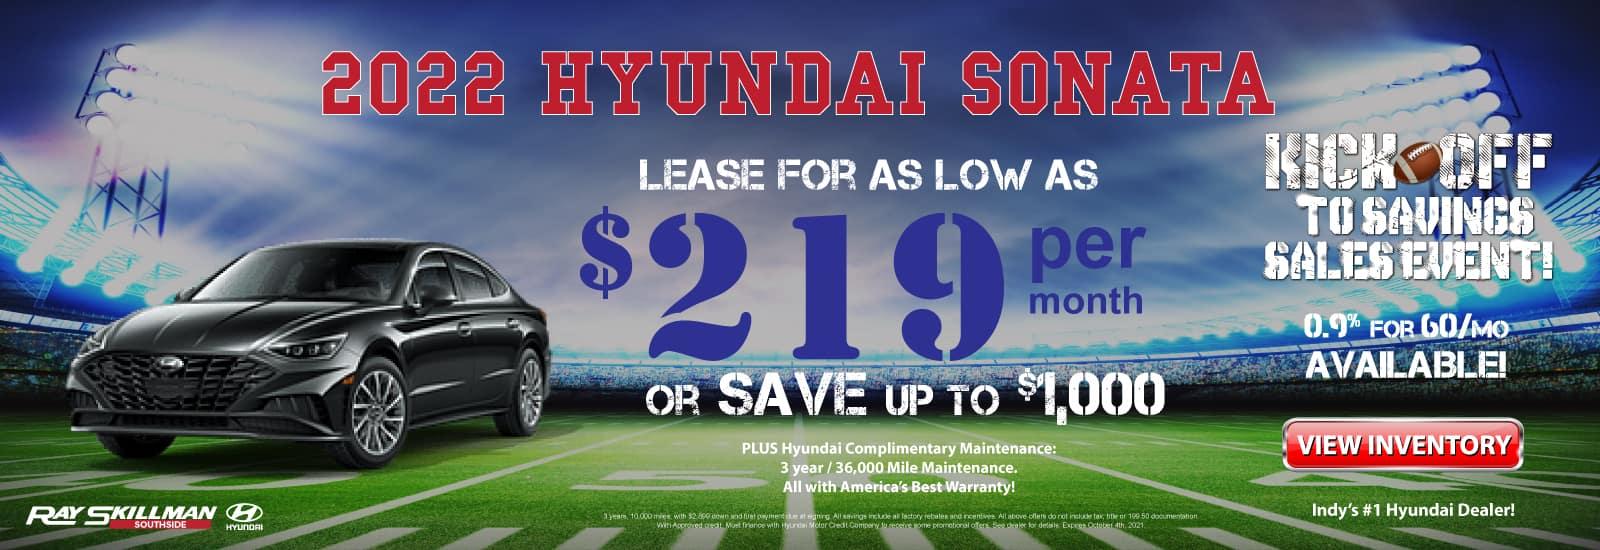 2022-Hyundai-Sonata-Web-Banner-1600×550 (002).jpg-Sept